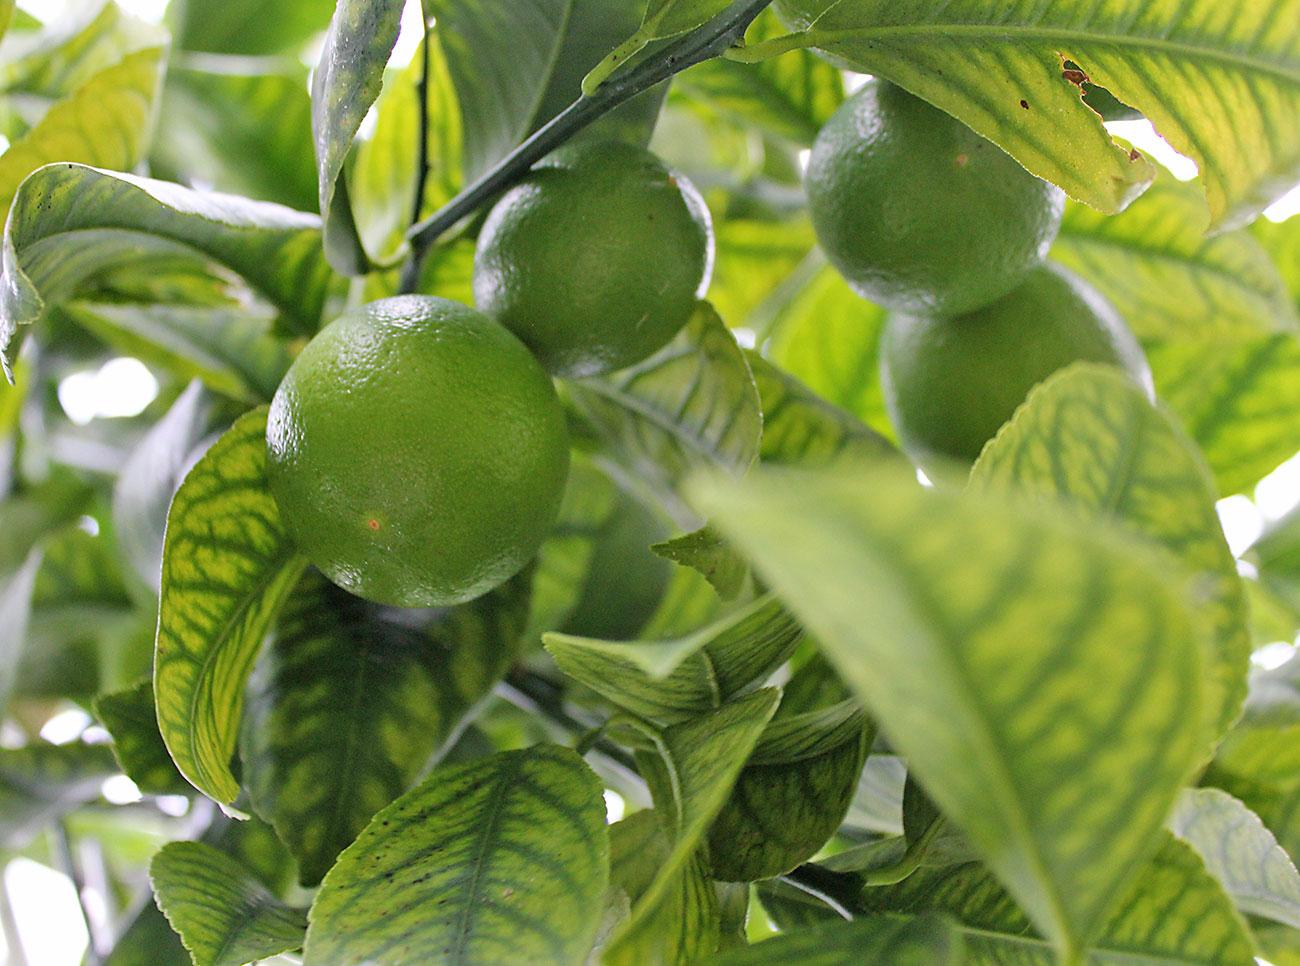 grüne Zitronen